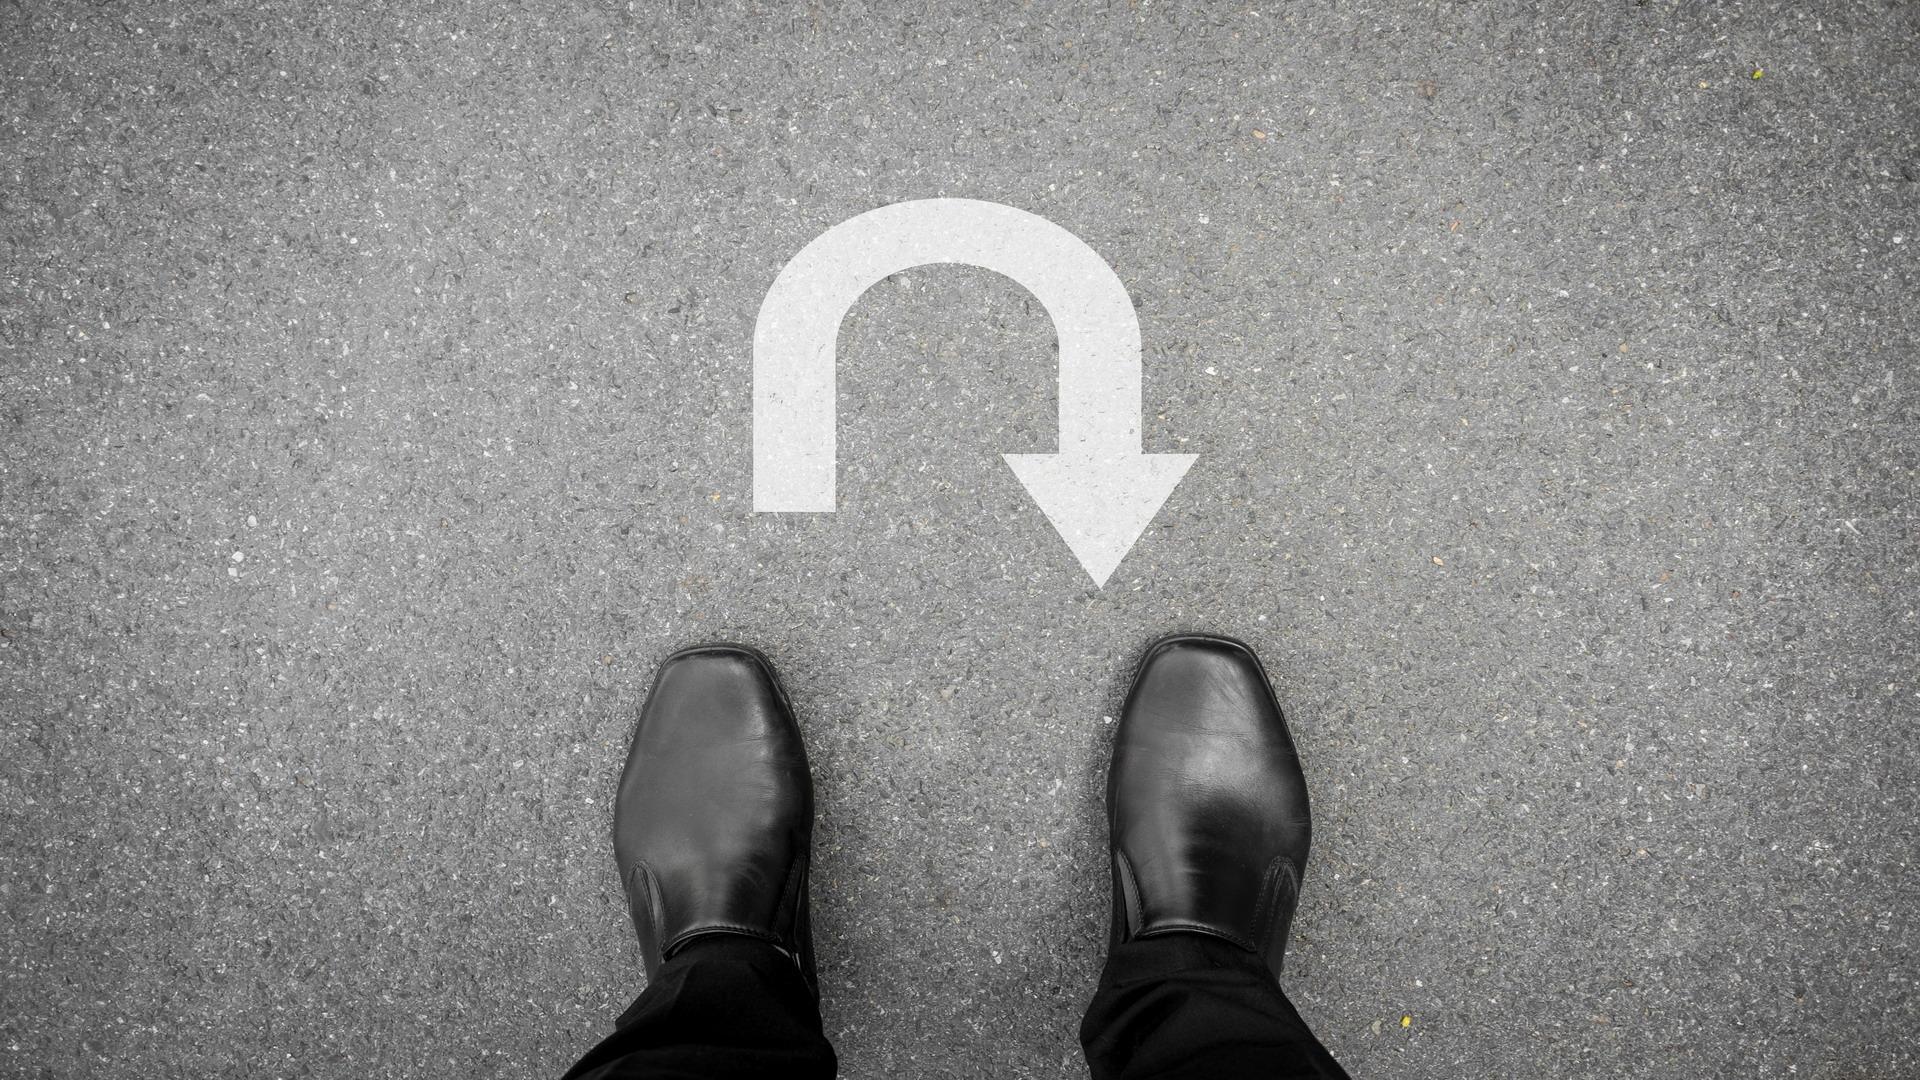 cshark_blog_digital-transformation-roadmap